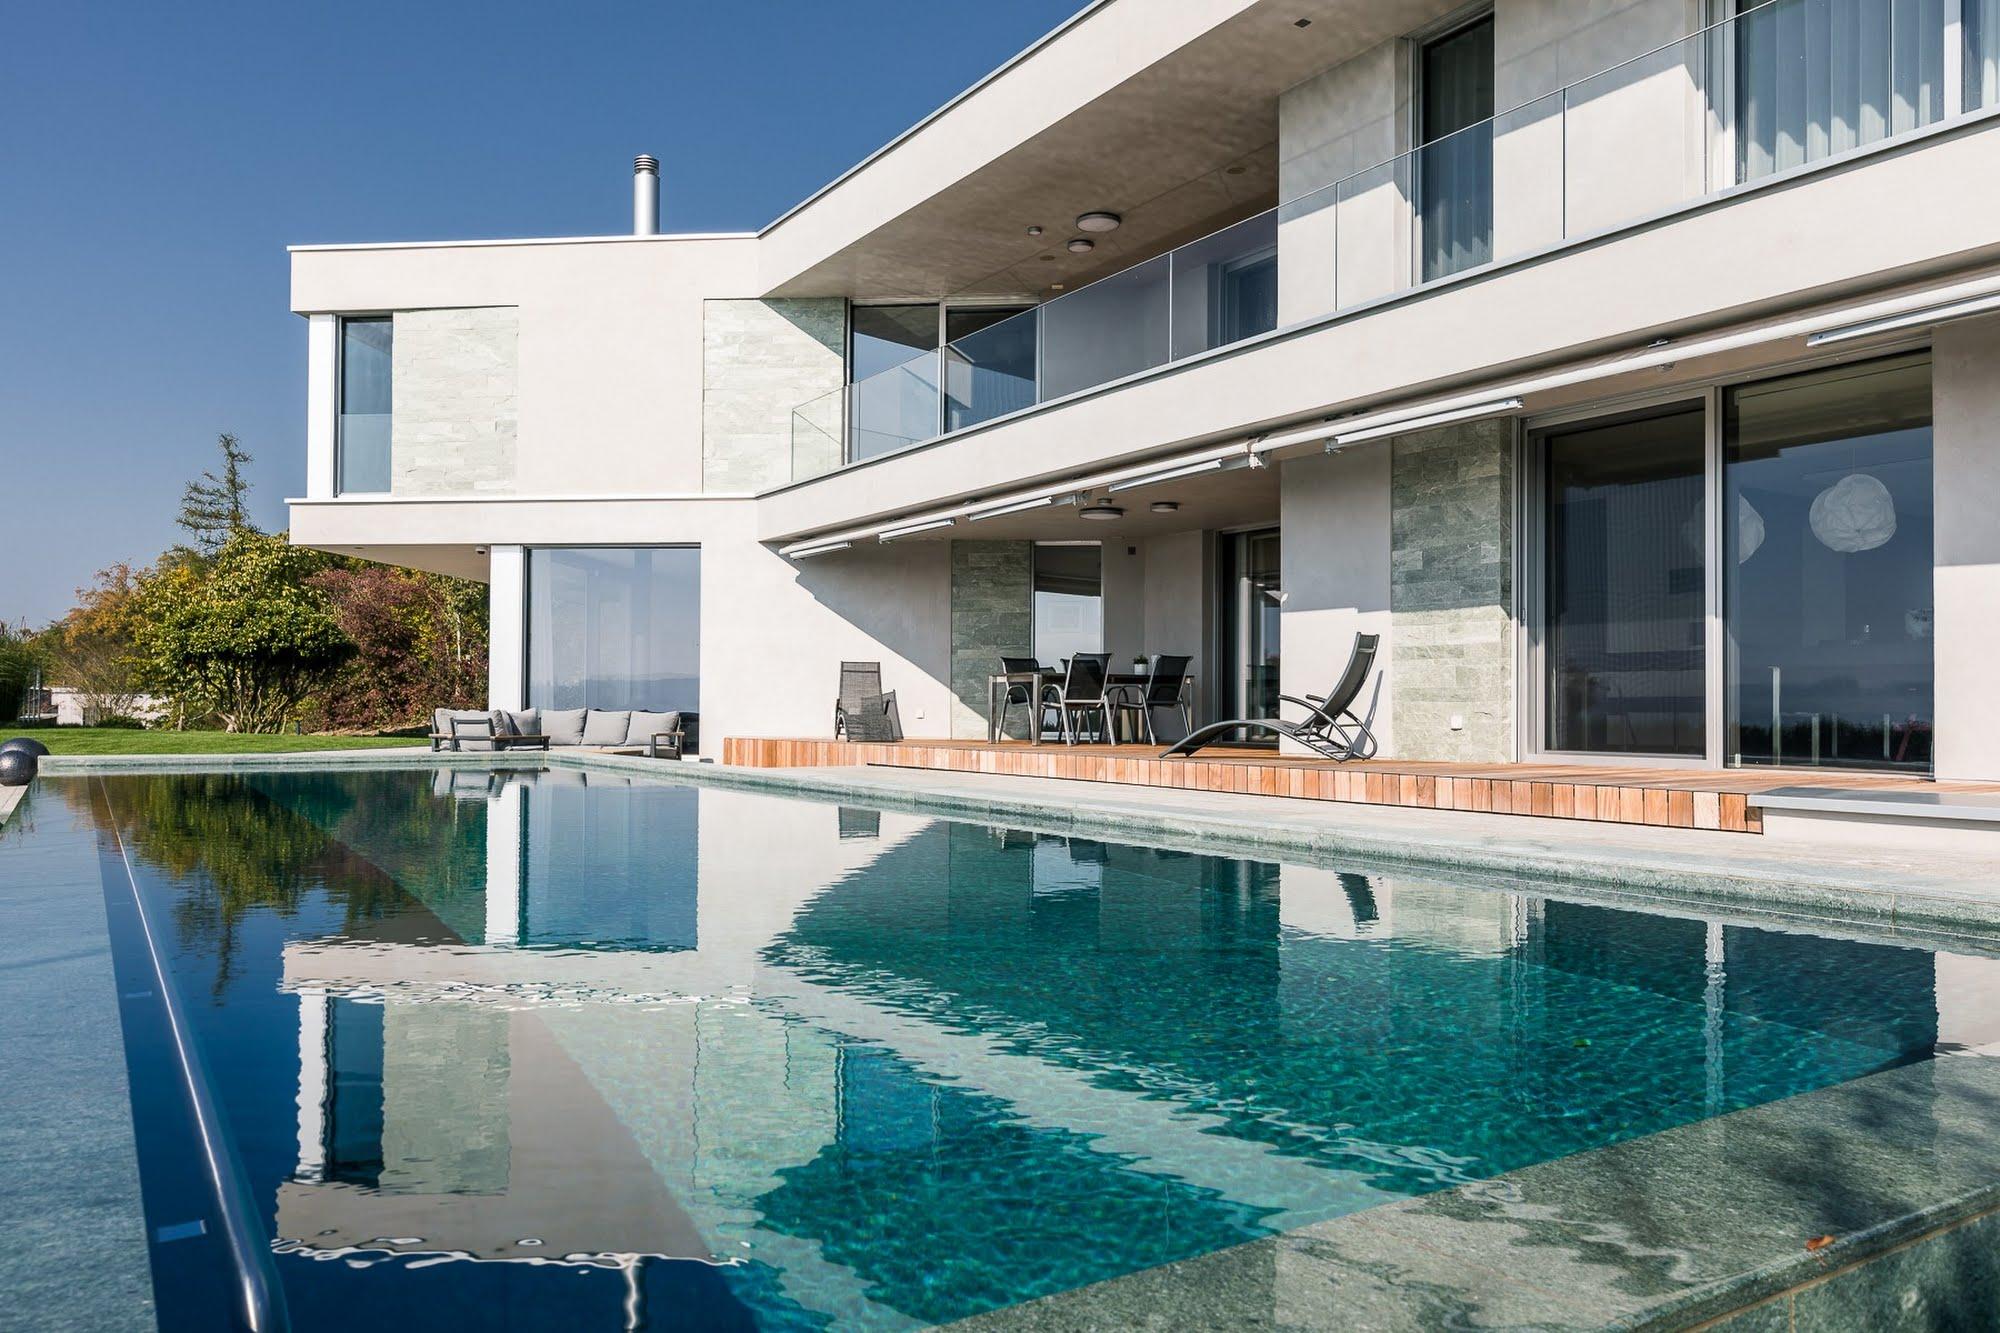 Wohnen EFH EFH Weierholz in Schenkon Architektur,Wohnungsbau,Wohnhäuser,Einfamilienhäuser,Mehrfamilienhäuser